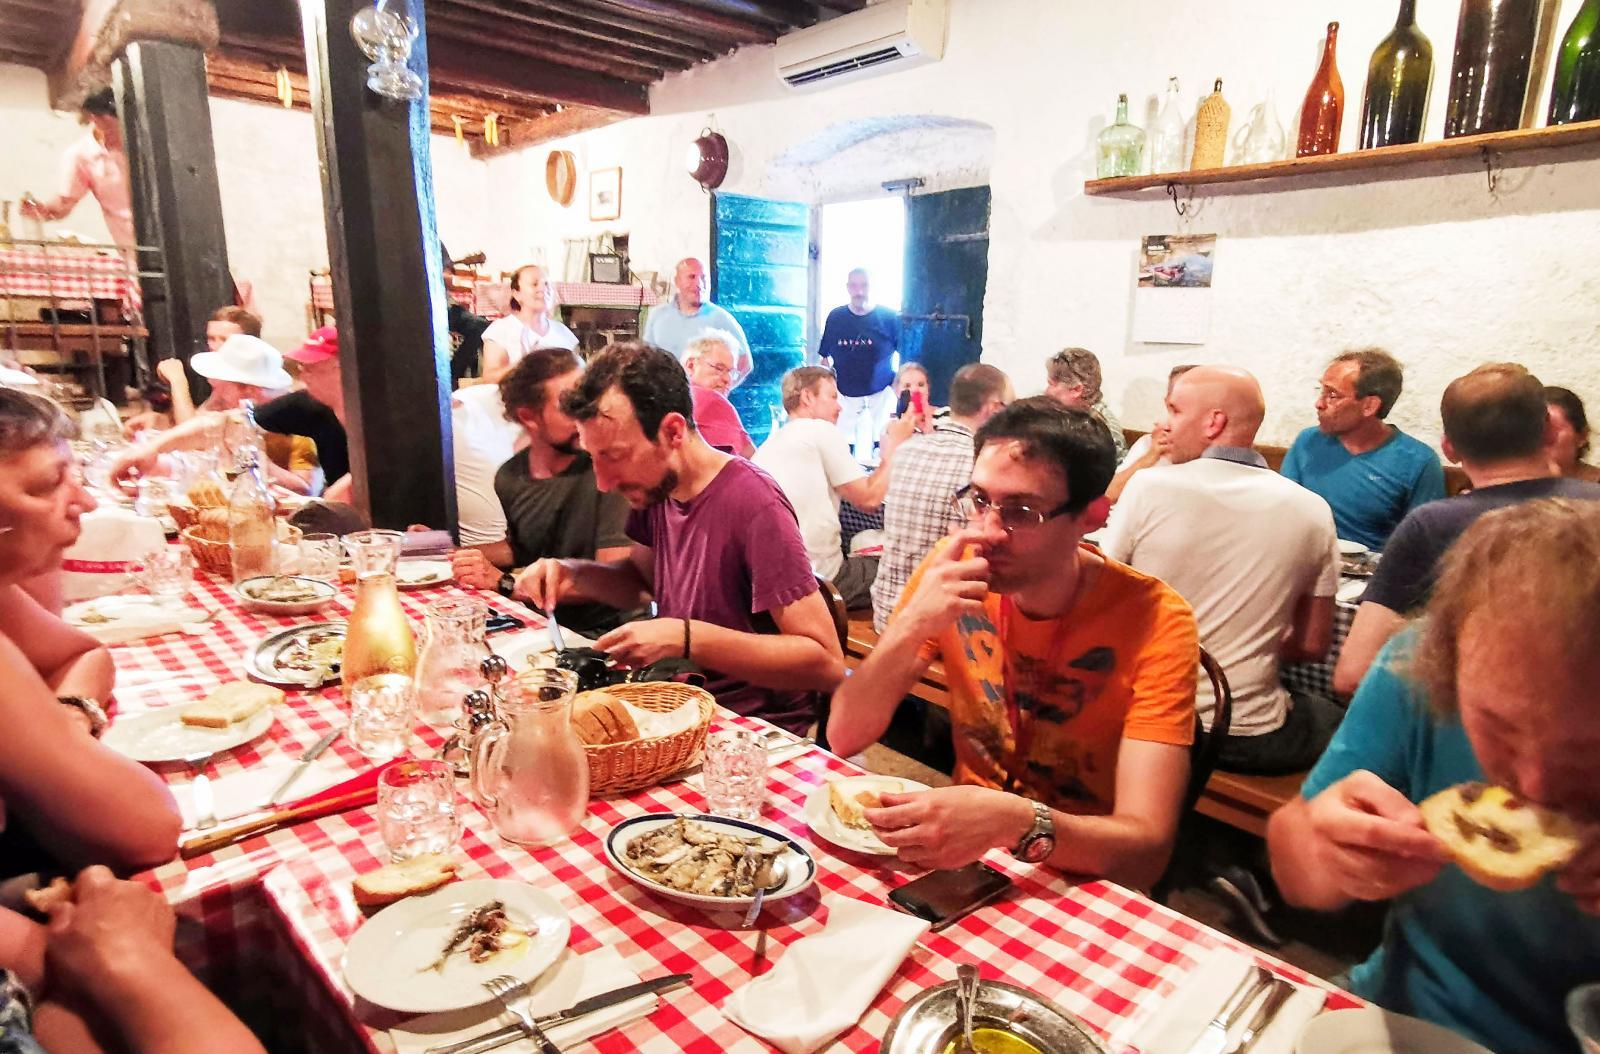 Restaurang med levande musik och färsk mat.